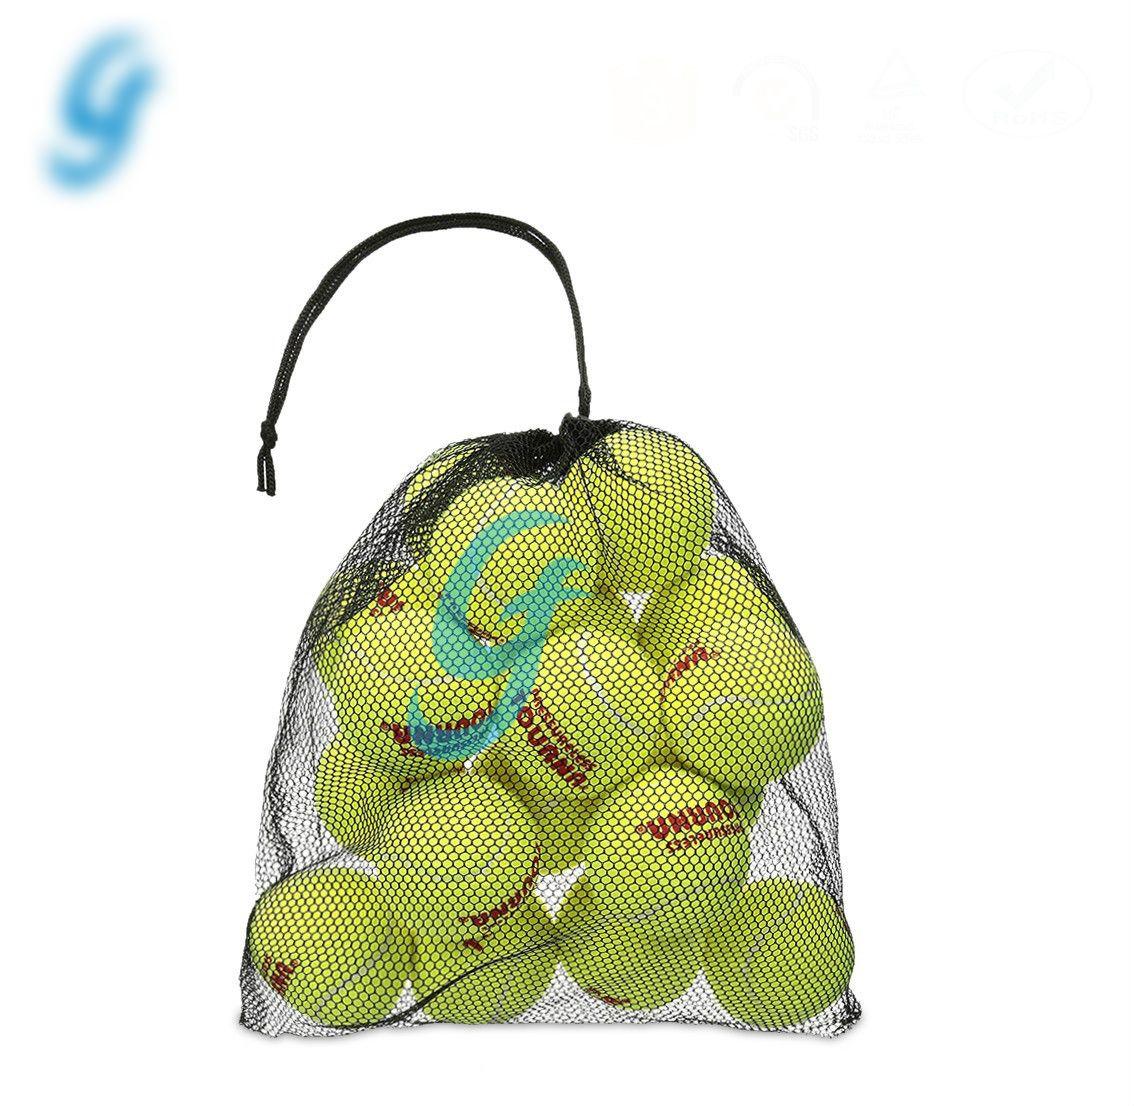 Carry Bag of Tennis Balls